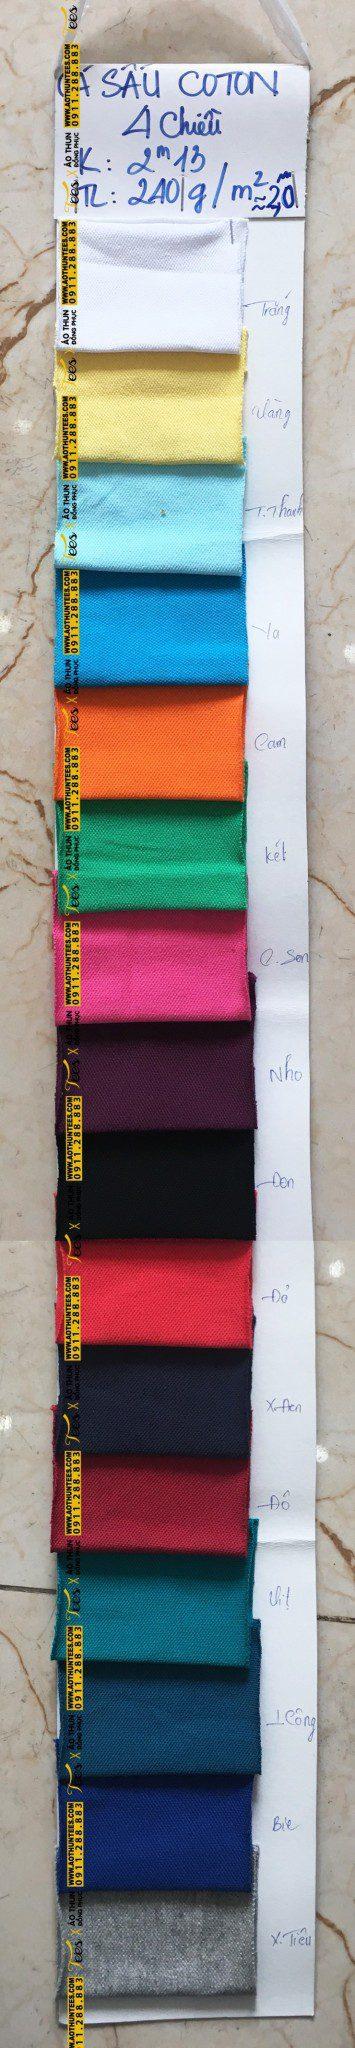 casau cotton 4chieu - Bảng màu vải cá sấu 100% cotton 4 chiều